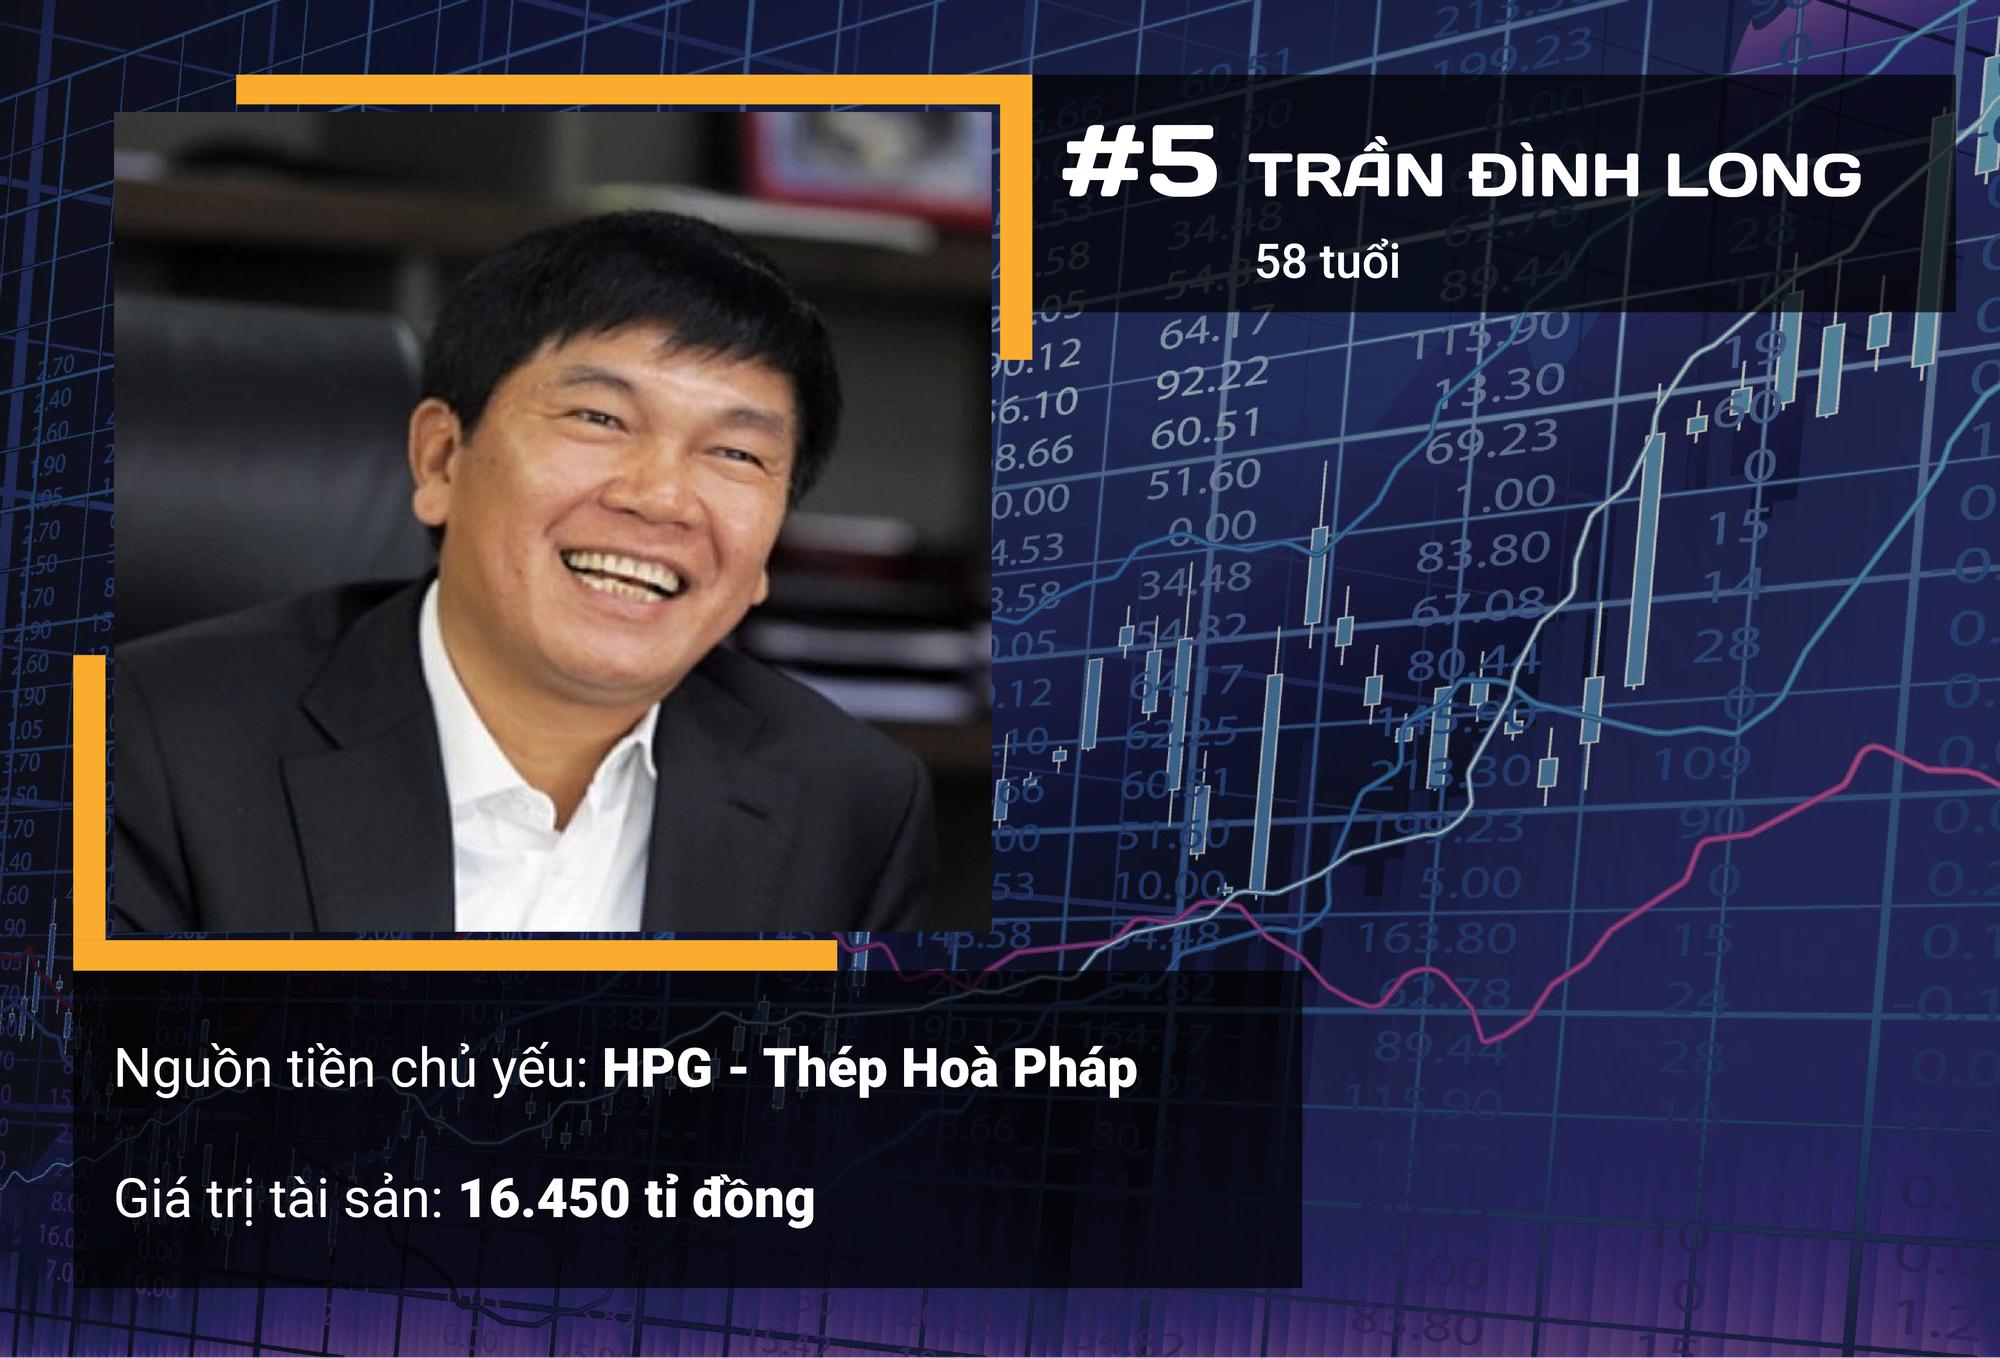 Ngoài ông Phạm Nhật Vượng, ai là 10 người giàu nhất sàn chứng khoán Việt năm 2019? - Ảnh 8.